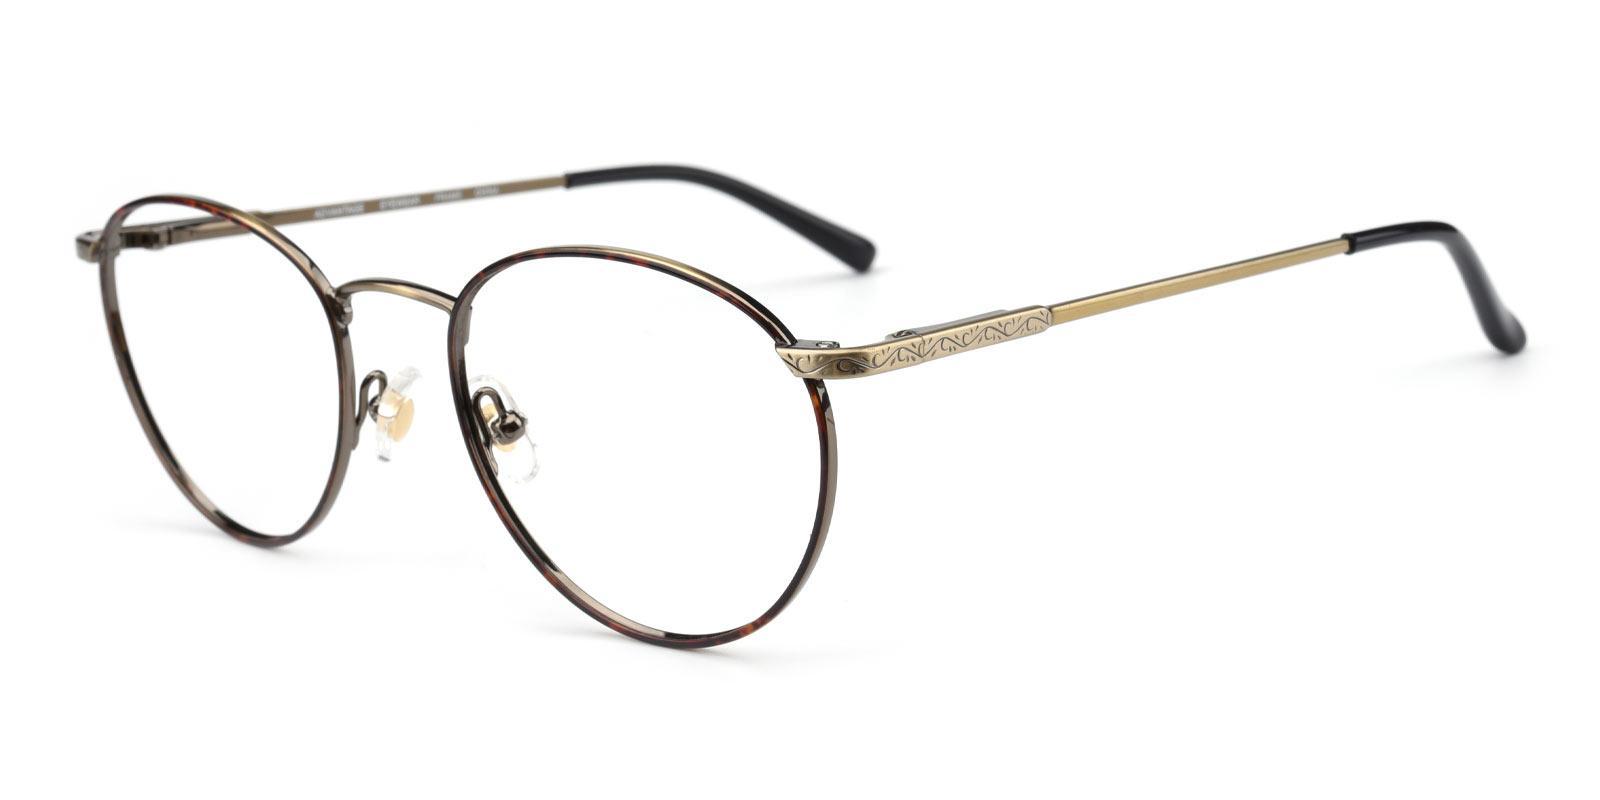 Margaret-Leopard-Oval-Metal-Eyeglasses-detail